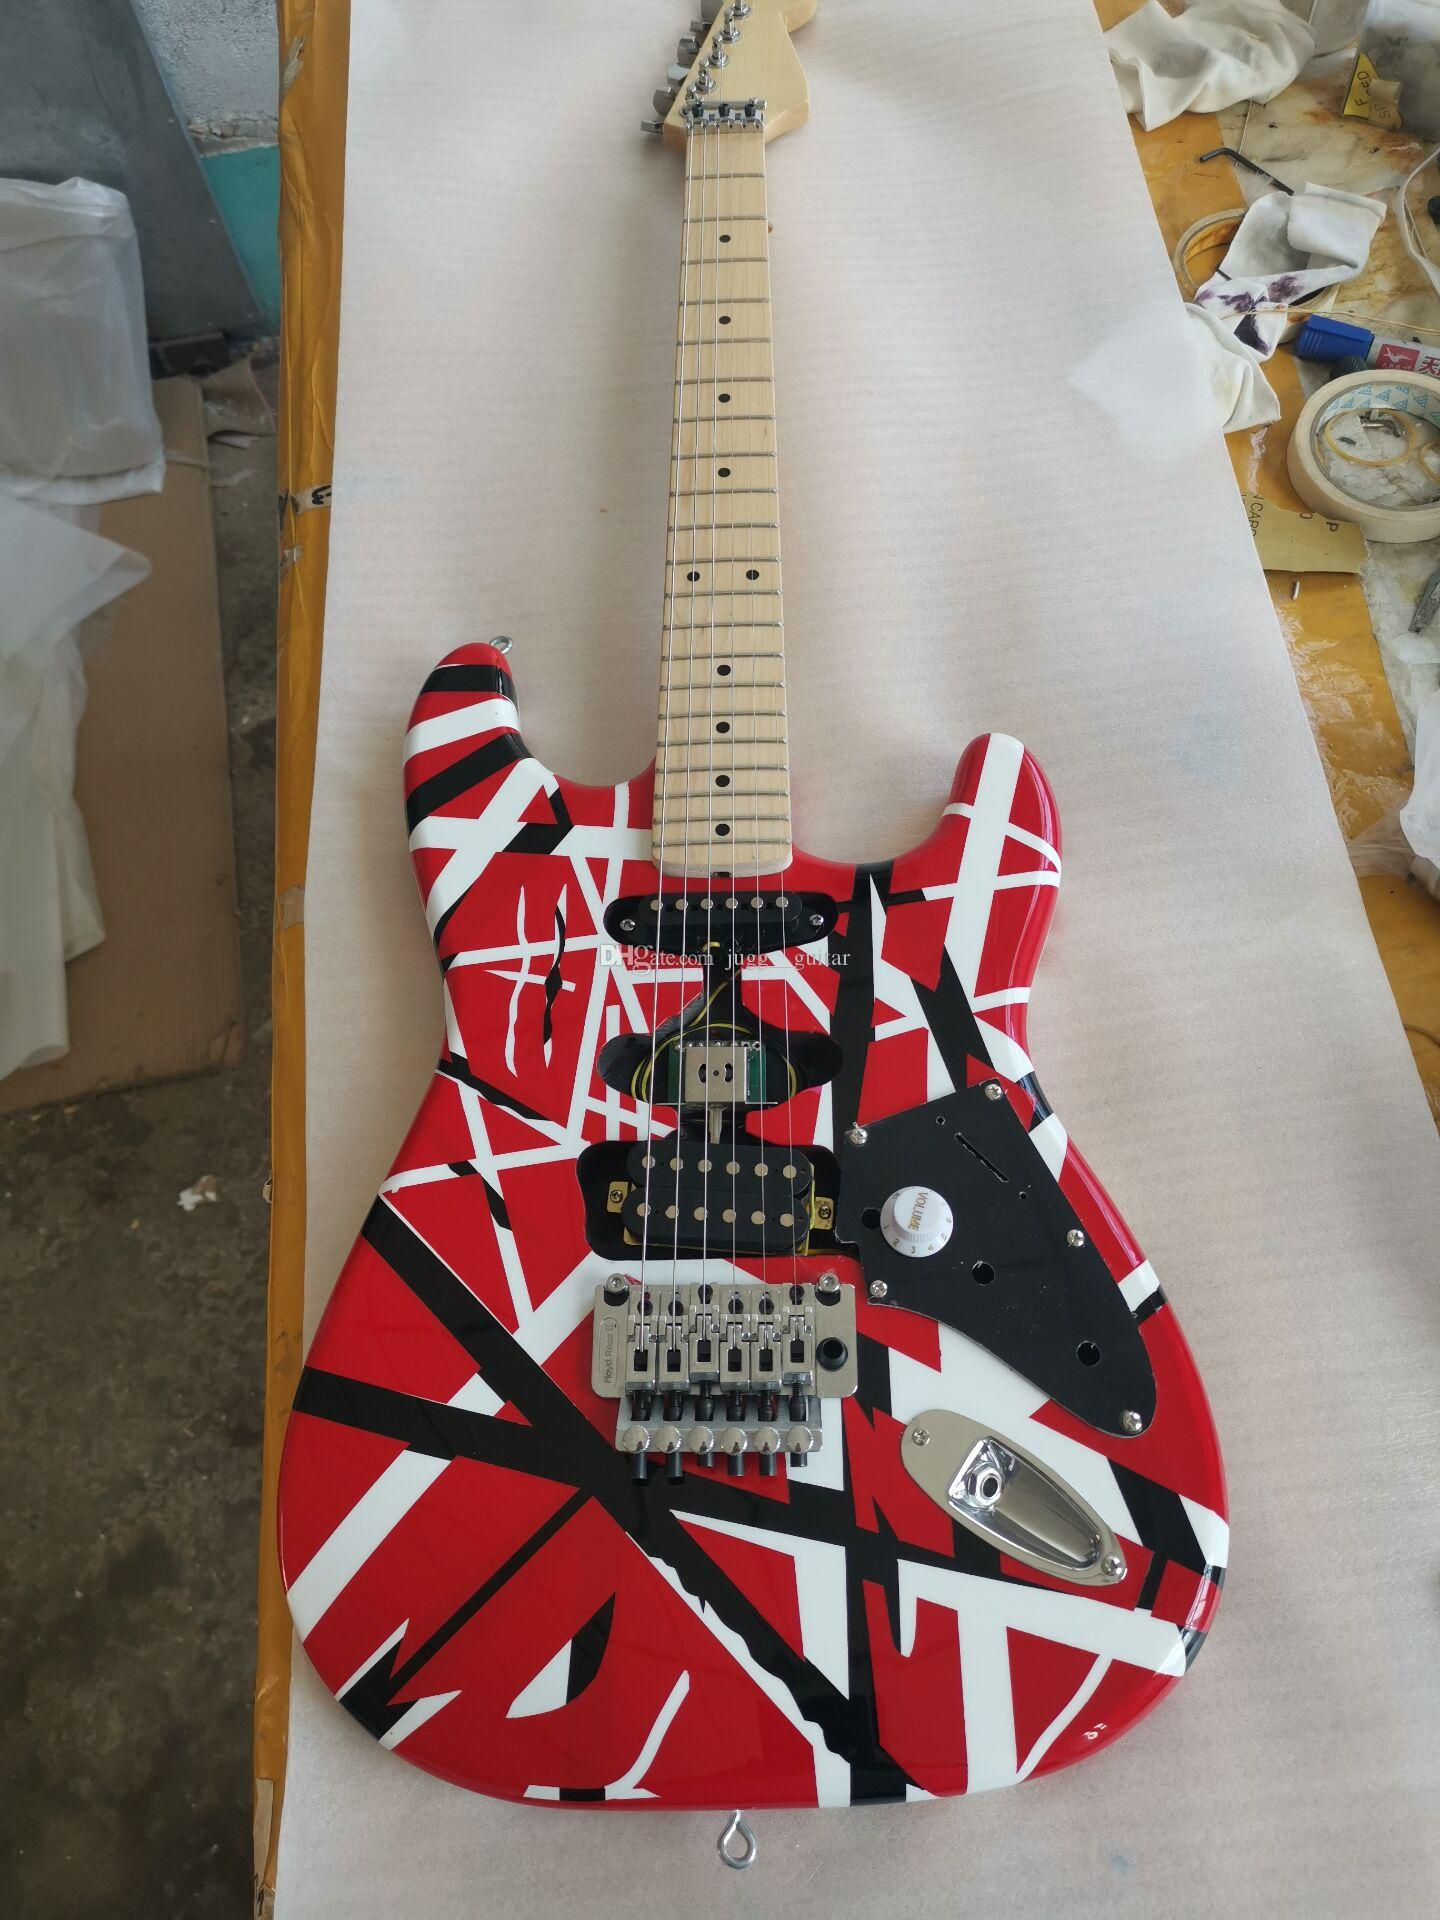 Kramer 5150 Edward Eddie Van Halen Франкенштейн Черно-белая полоса Красная электрогитара ST-образный кленовый вырез, фиксирующая гайка Floyd Rose Tremolo